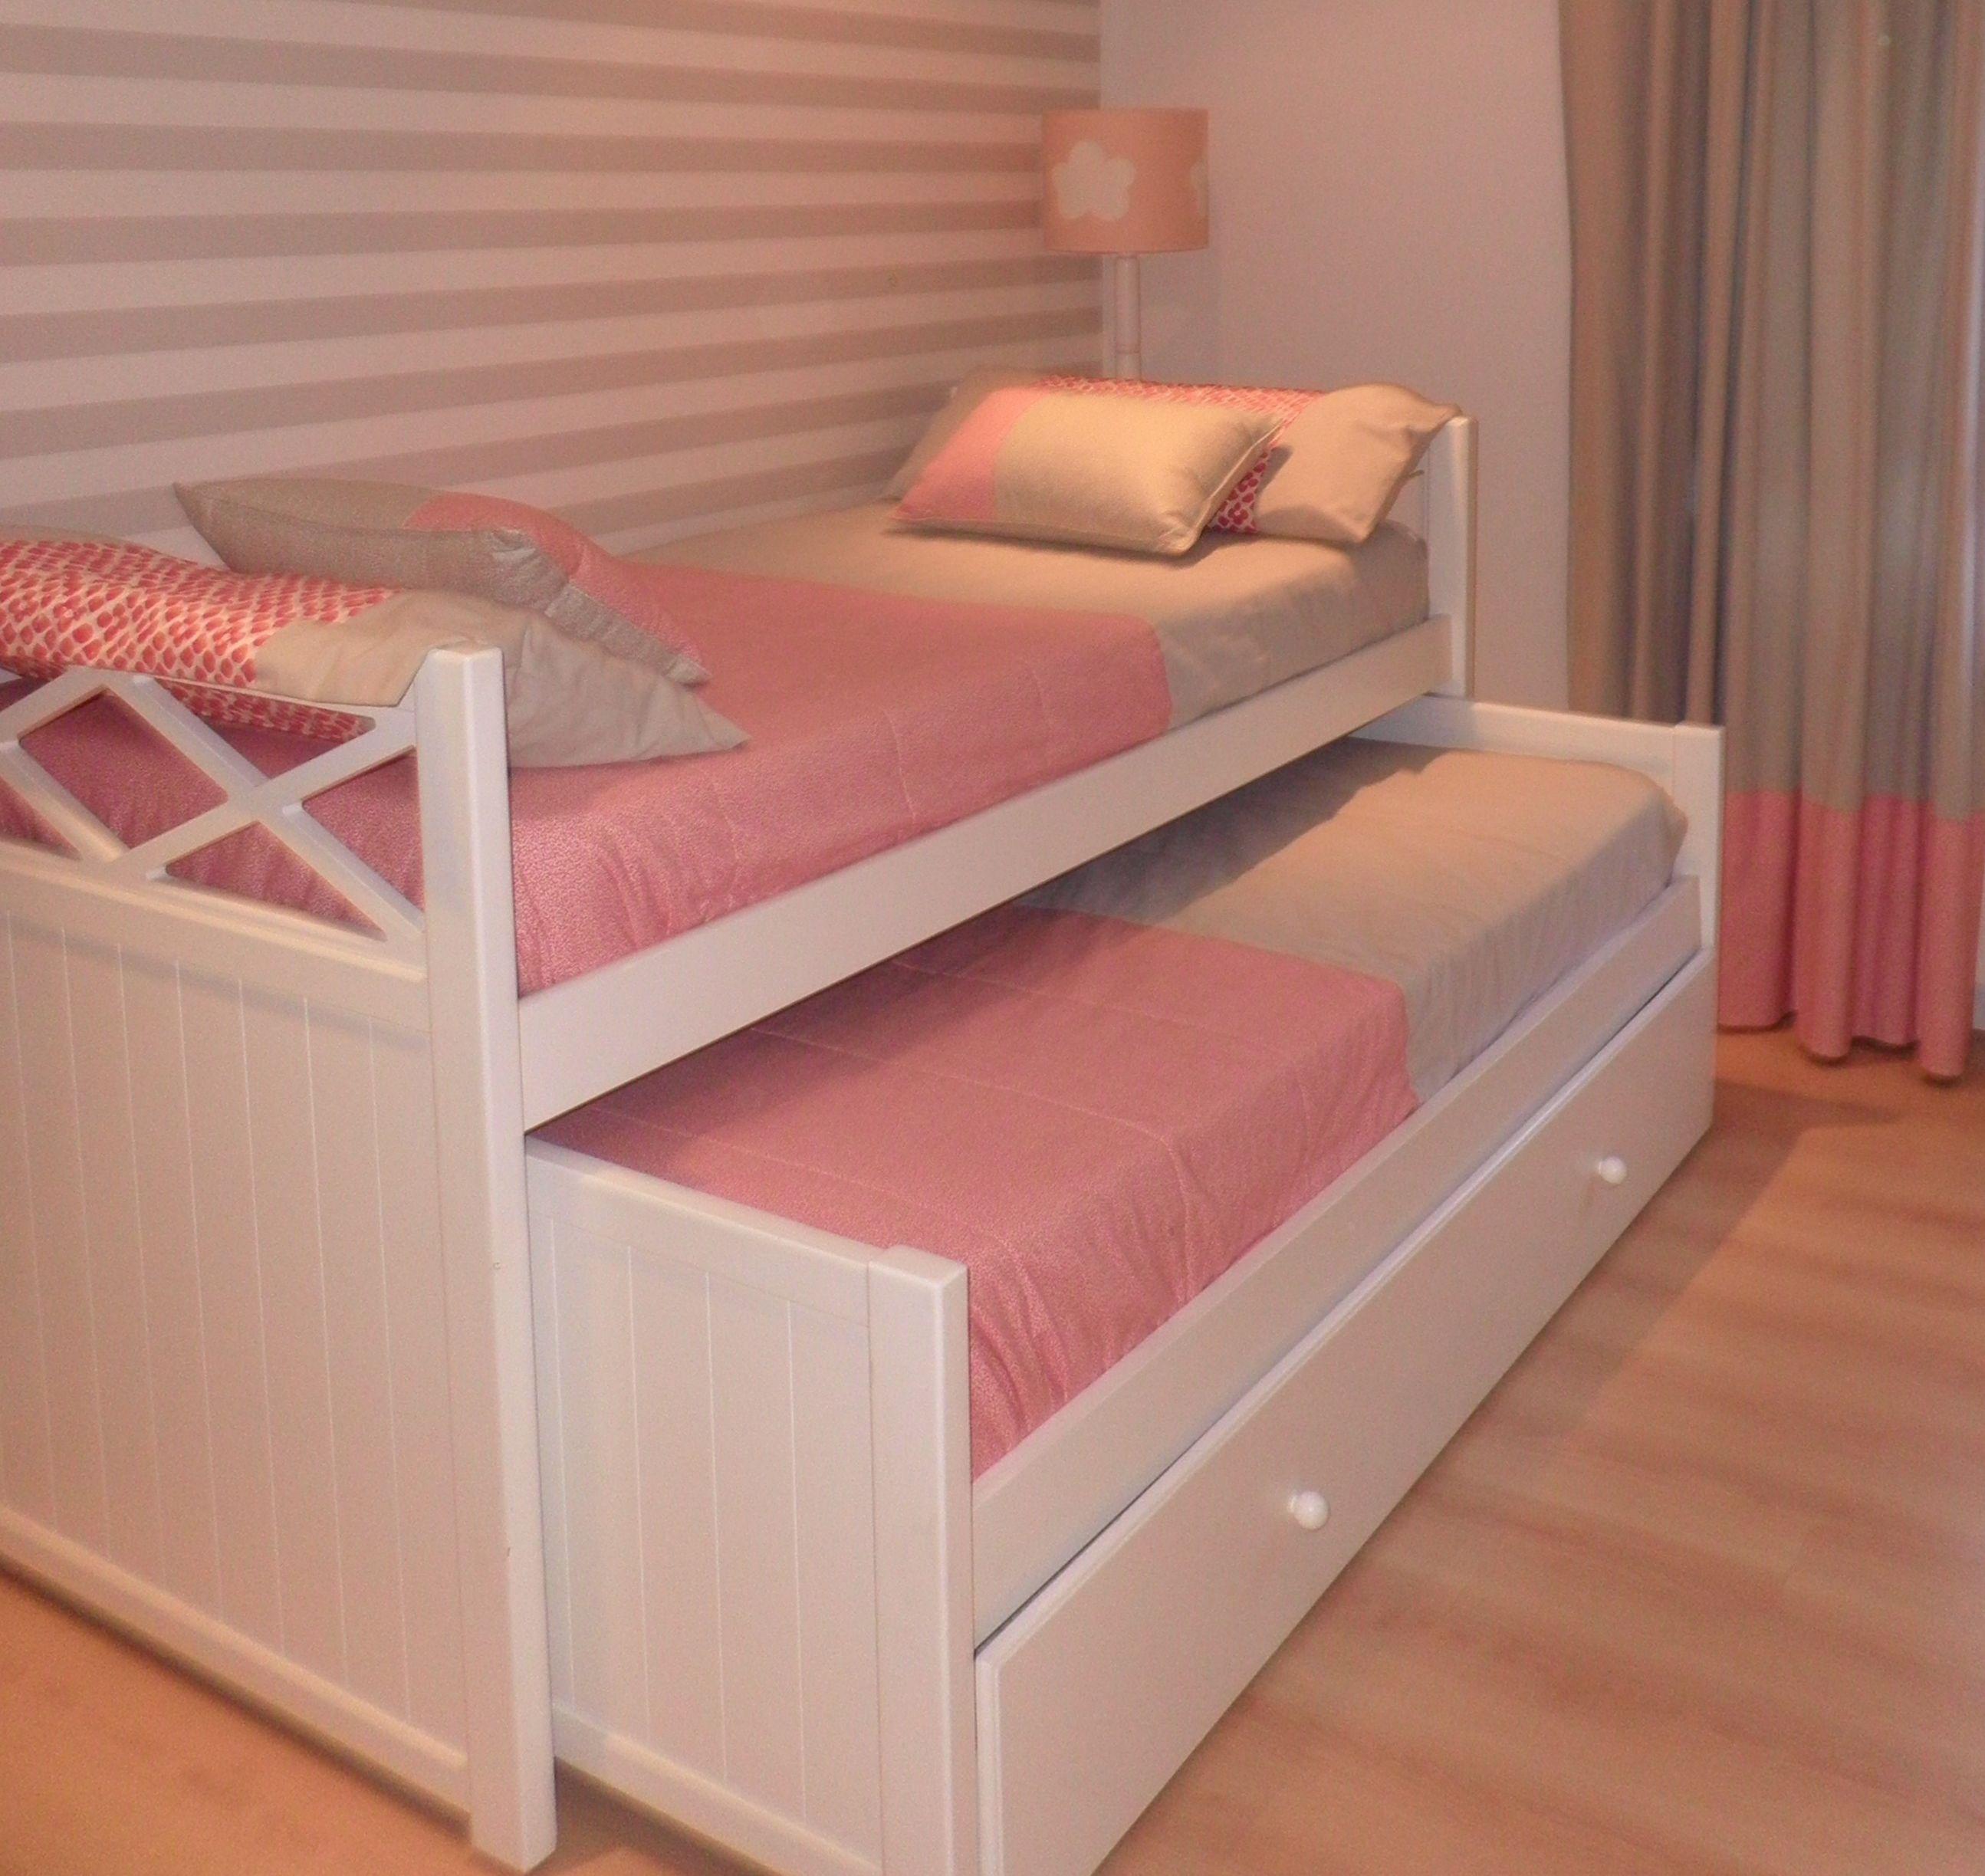 Cama marinera buscar con google camas pinterest for Camas infantiles dobles